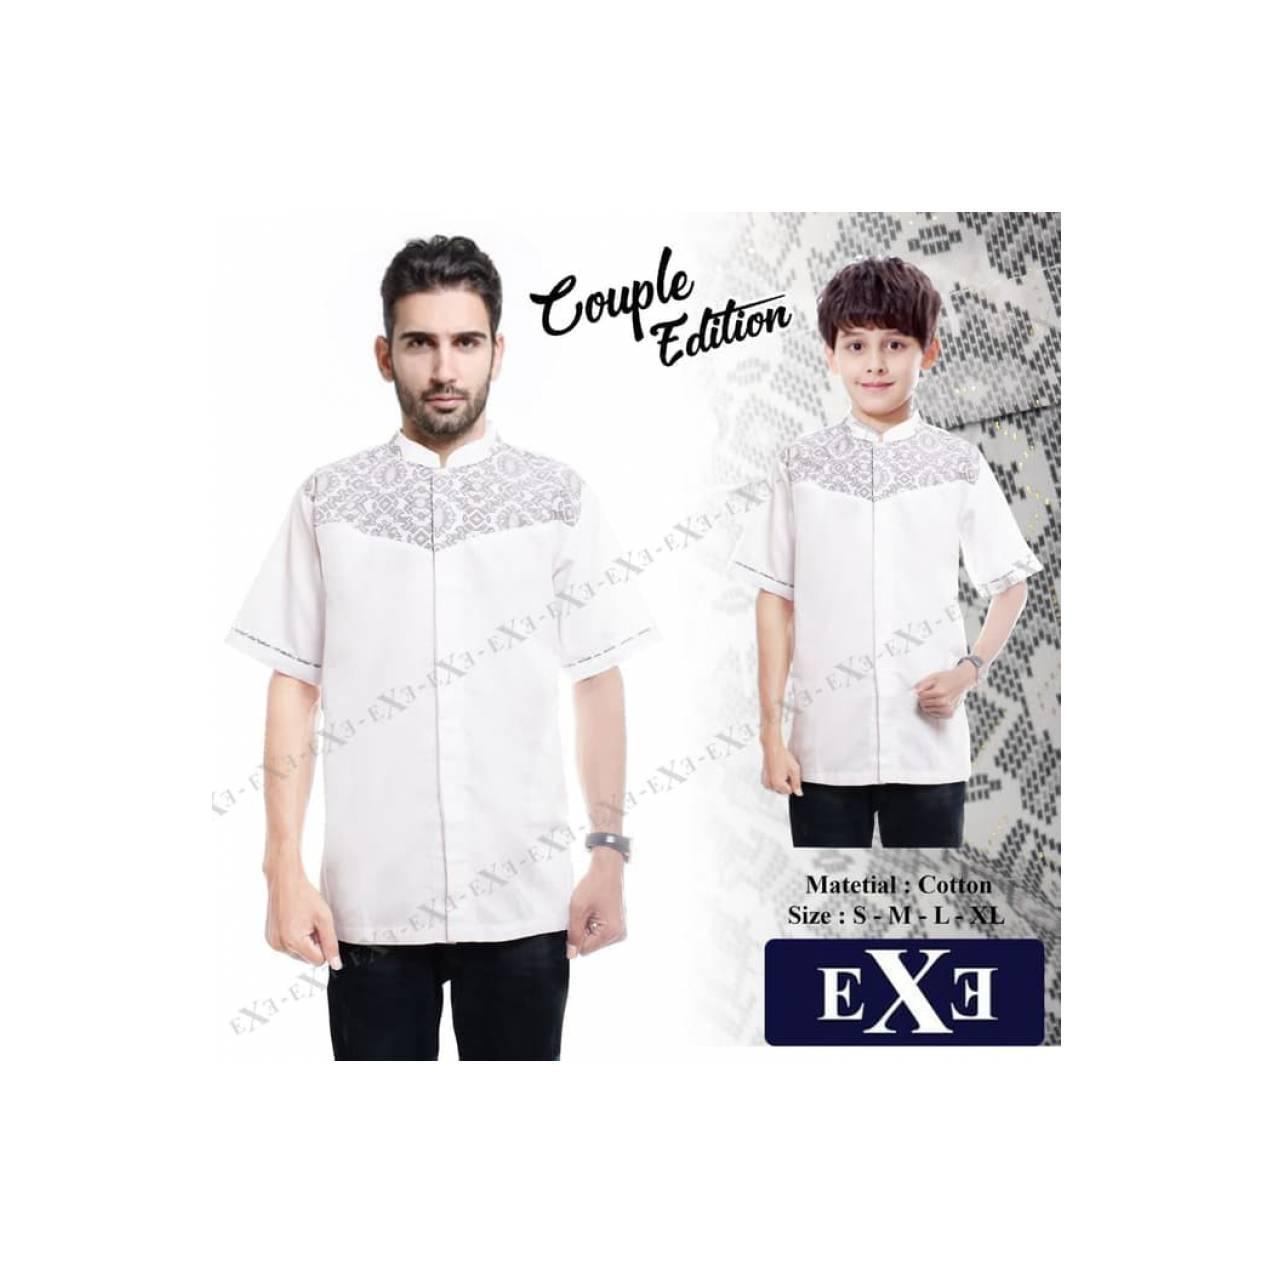 Kemeja / Baju Koko Muslim Couple Ayah Anak eXe - Putih Kombinasi Batik